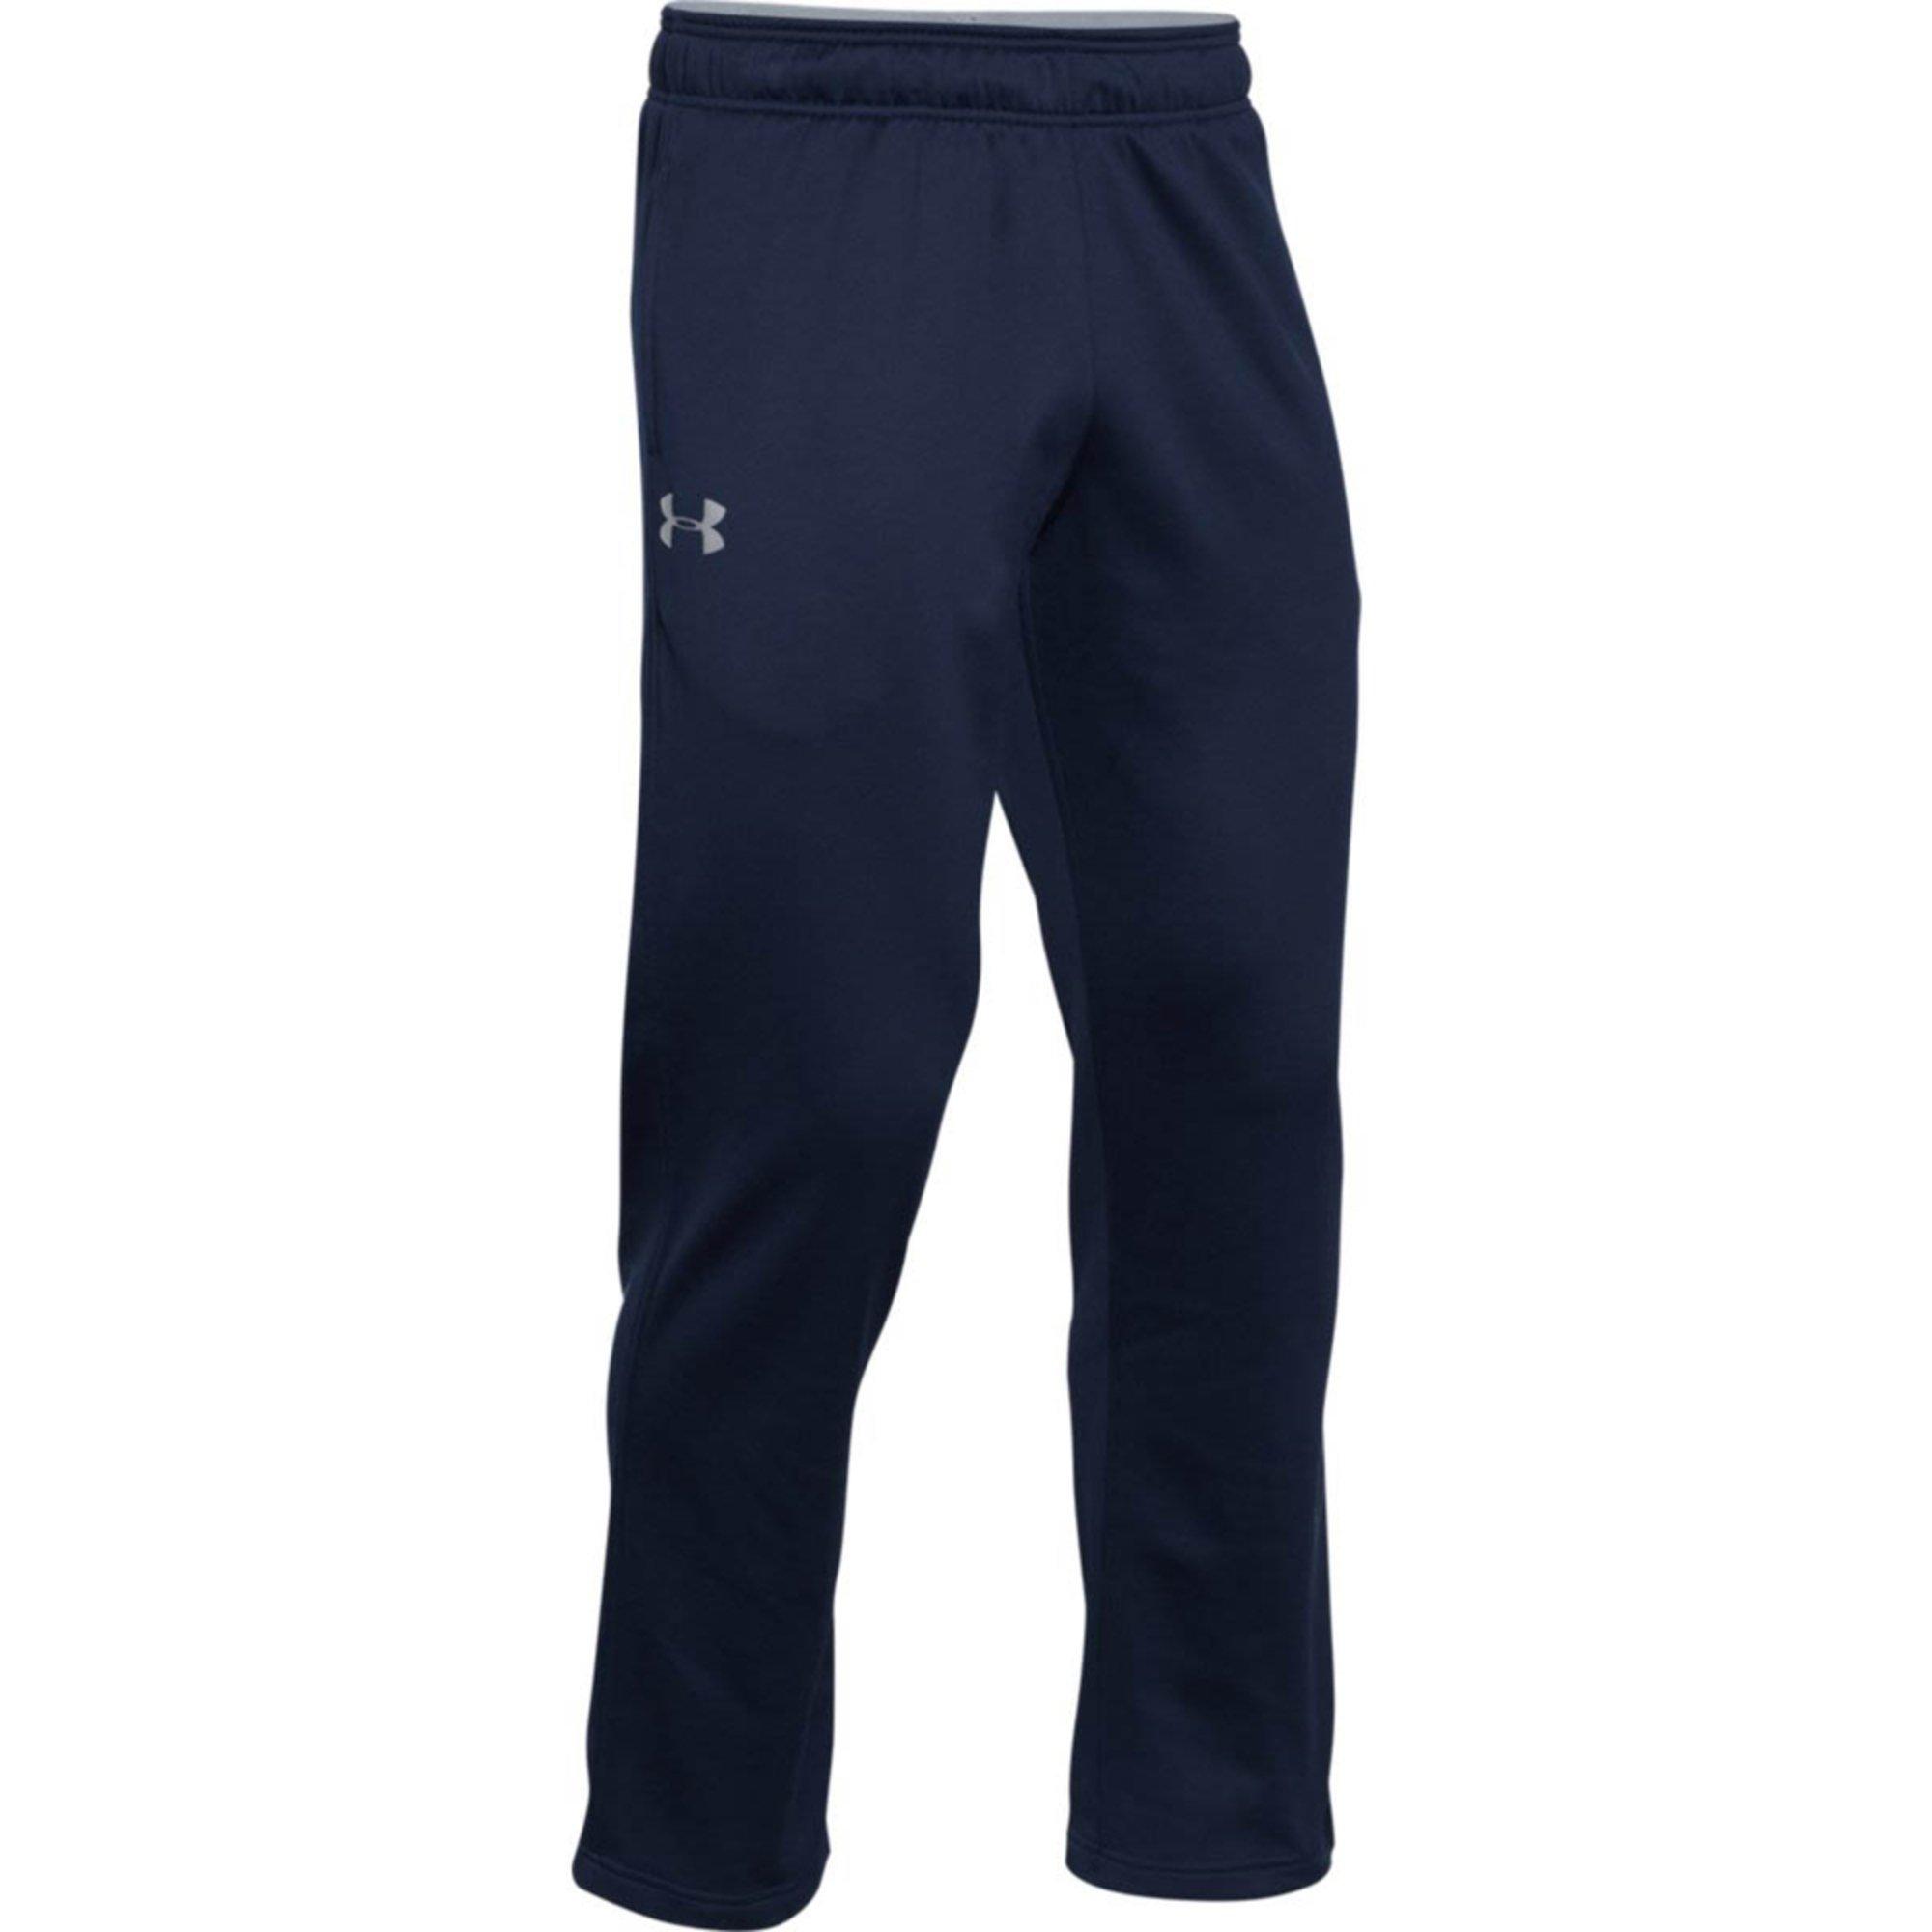 under armour under armour men s lightweight af pants based on 0 ...